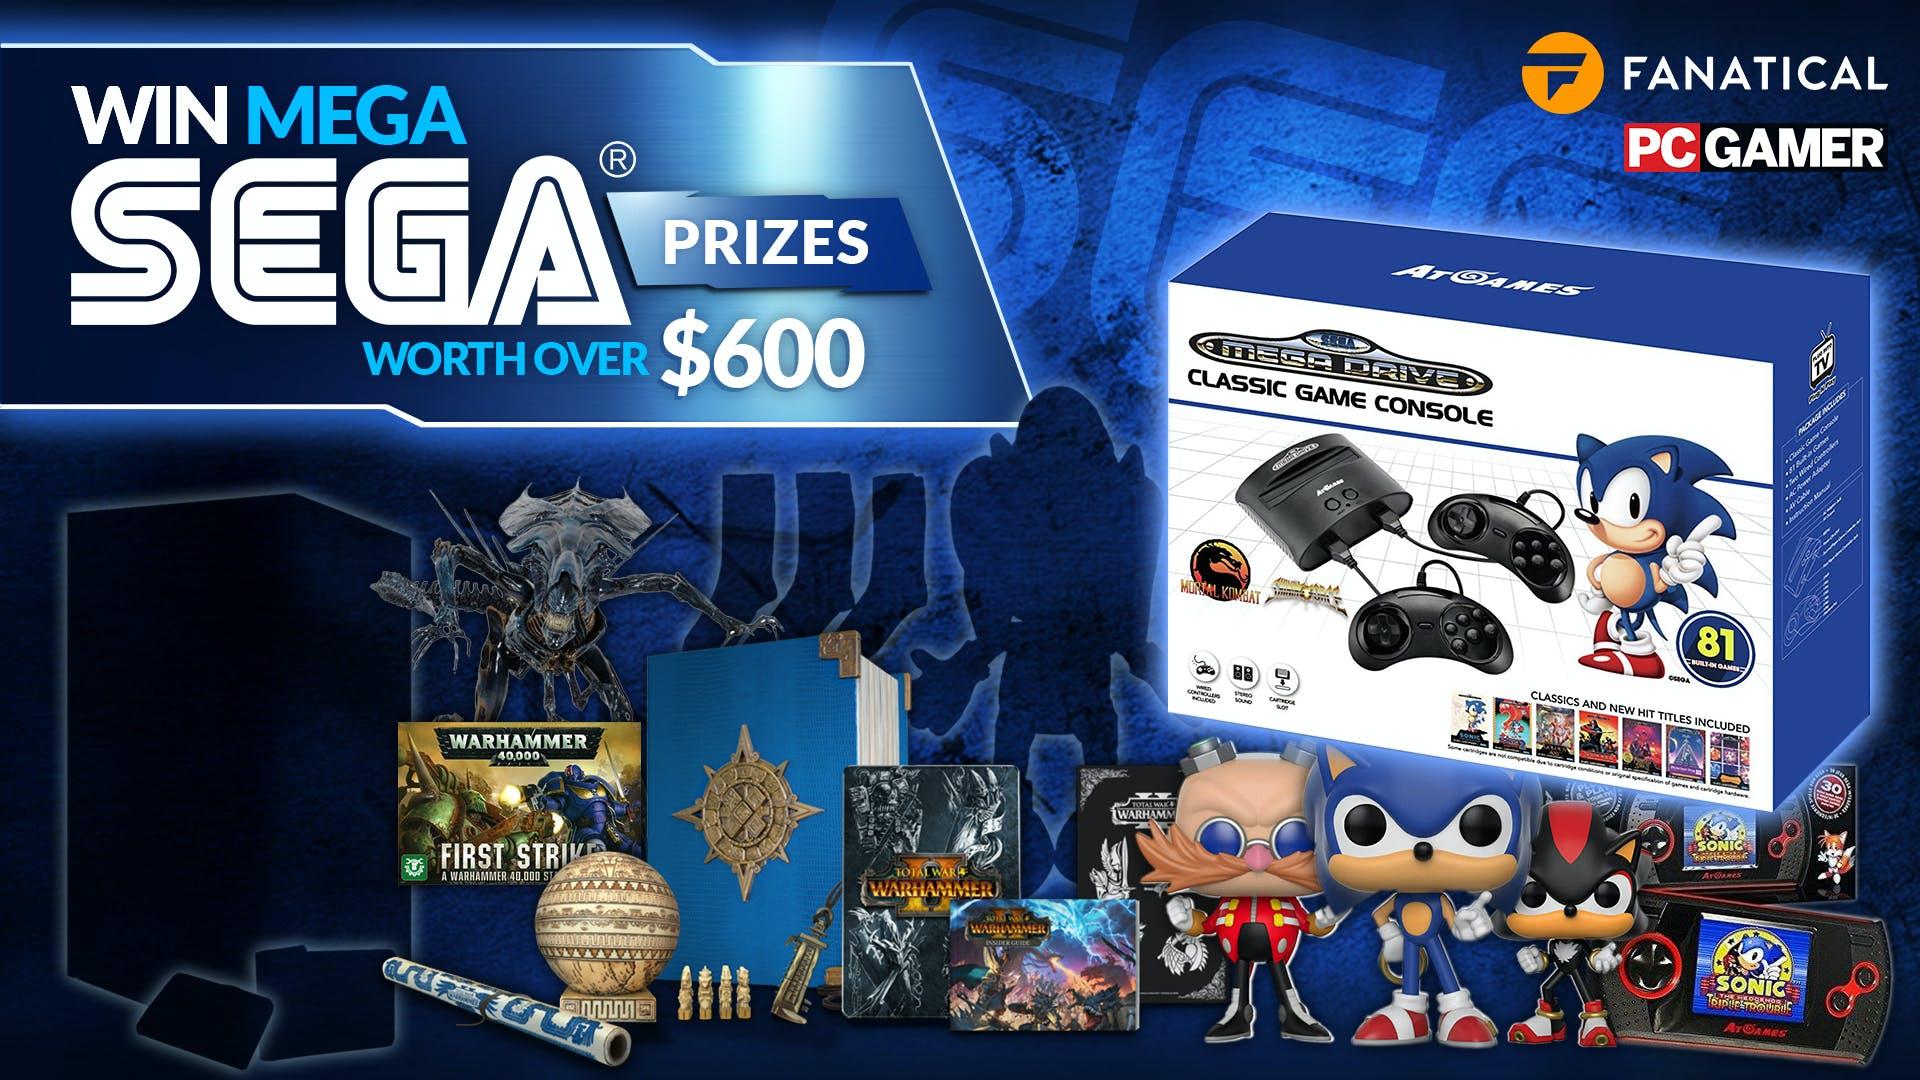 https://images.prismic.io/fanatical/dcc935d766b6eca4baaeb5b37d0d22b7dedb733f_sega-contest-cover-prizes-day05.jpg?auto=compress,format